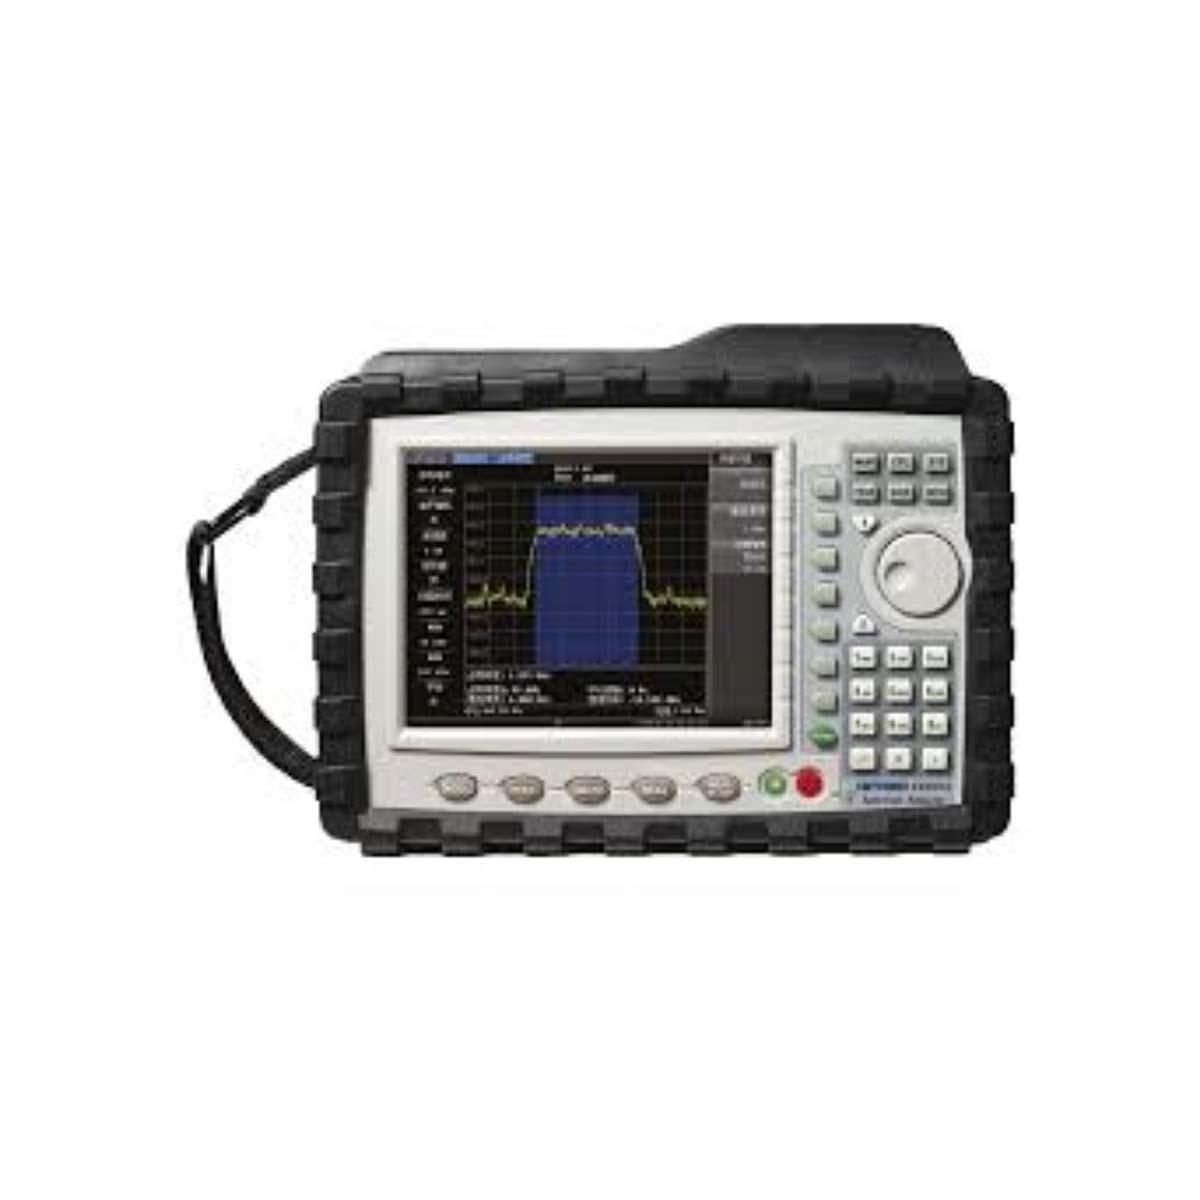 Analizador de espectro portátil DEVISER SERIE E8000 9 kHz a 3 GHz